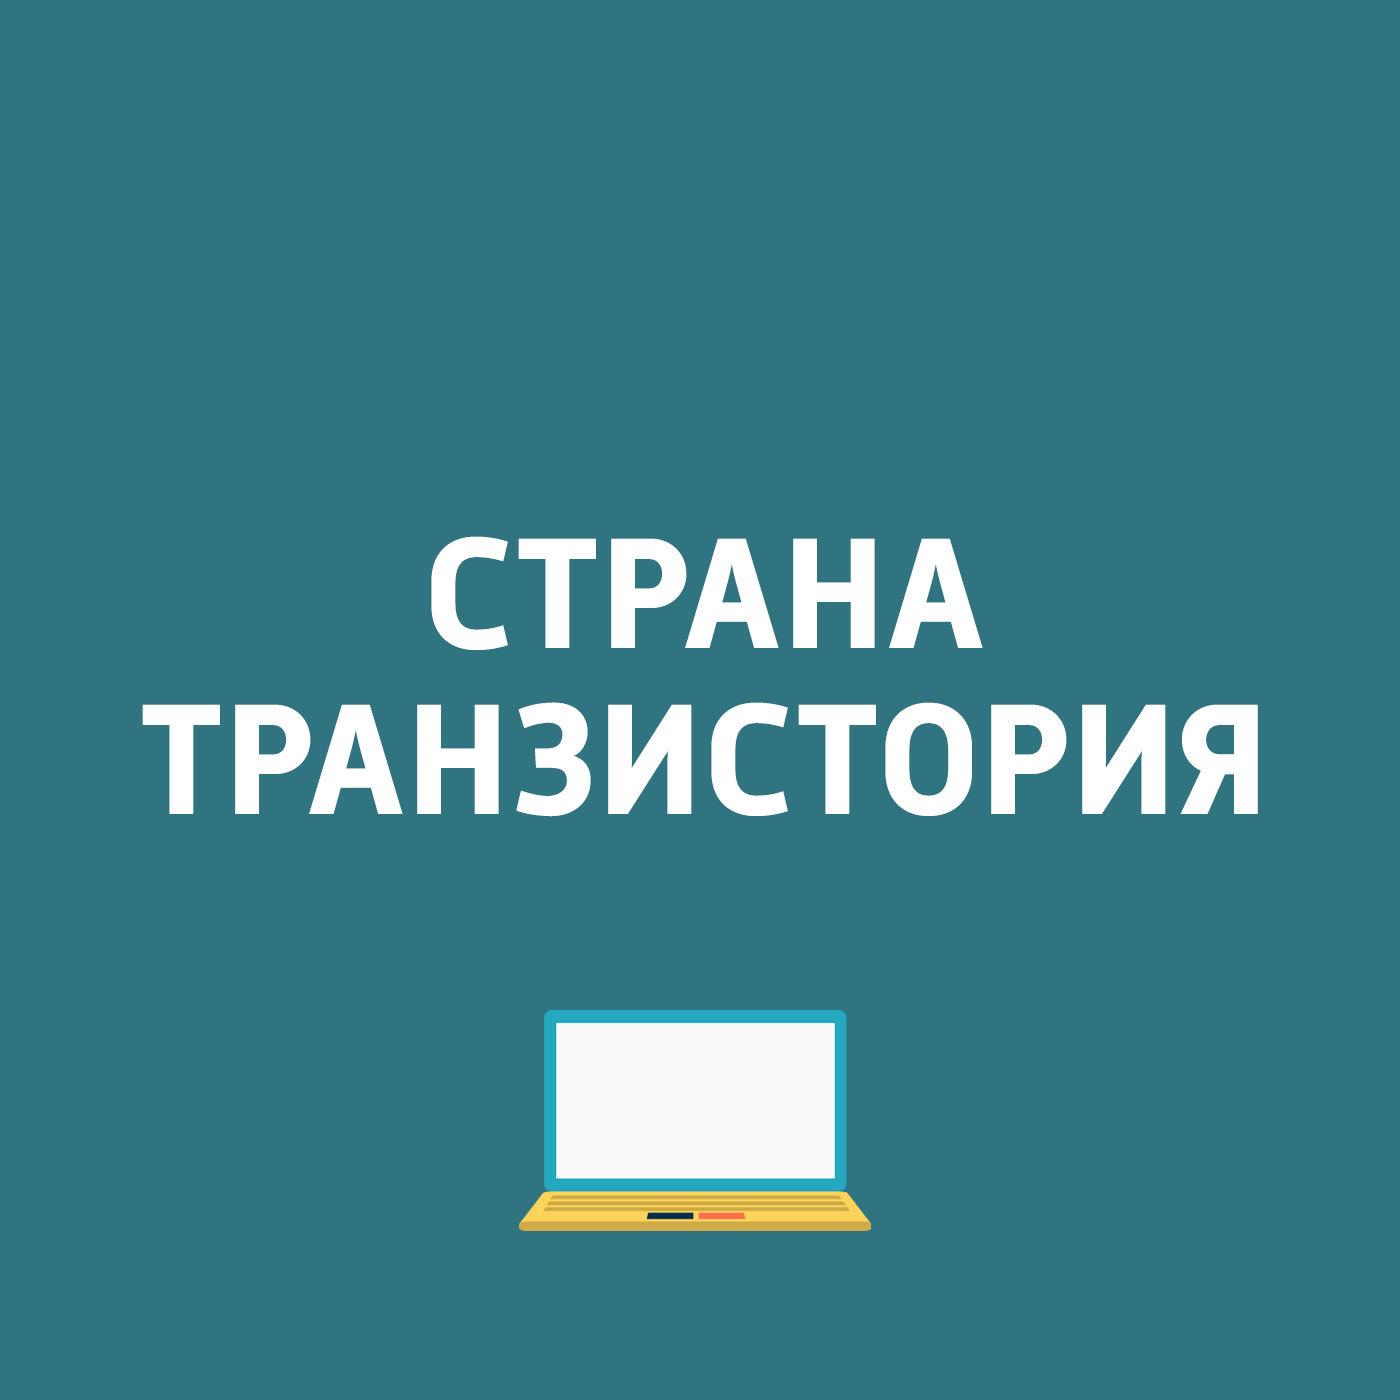 Картаев Павел В Москве прошла российская премьера электромобиля Tesla Model 3 usb флеш накопитель smartbuy v cut 32gb usb 2 0 sb32gbvc s